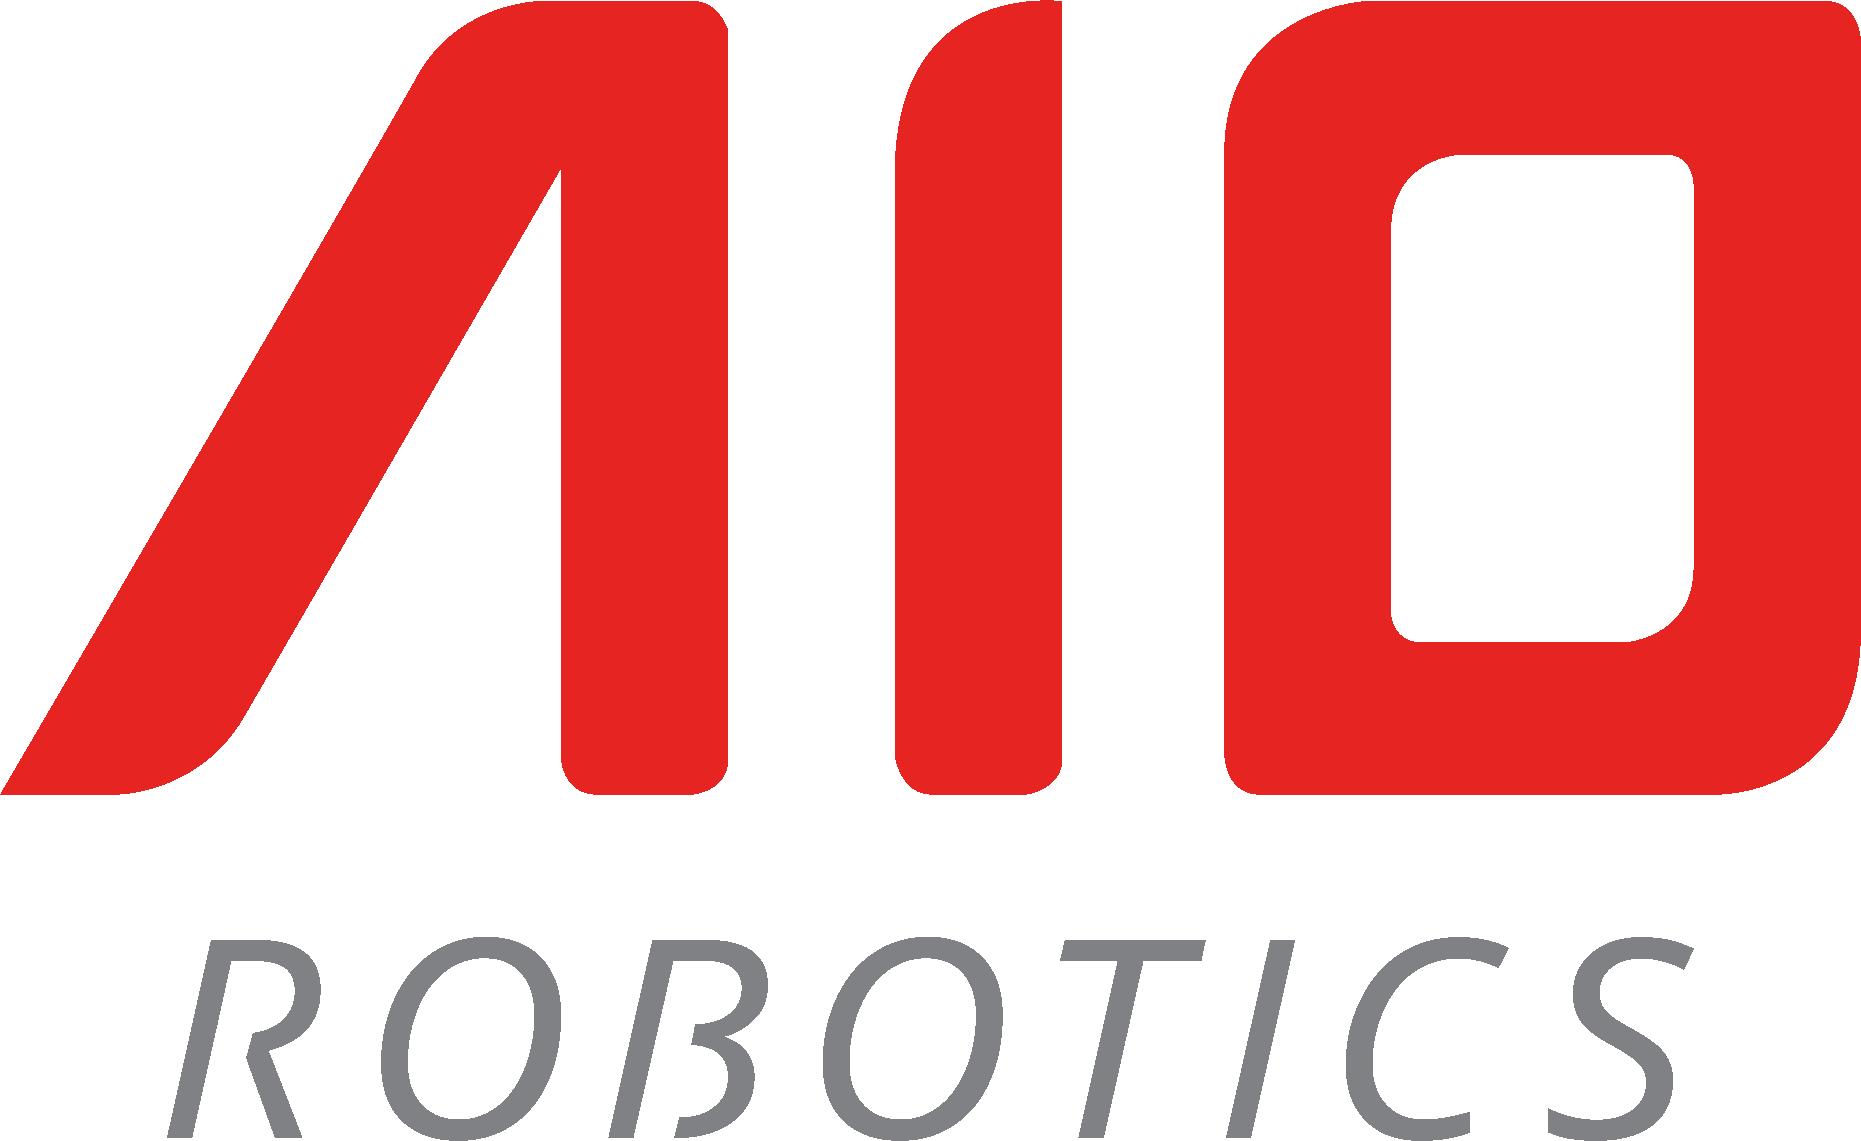 Aiorobotics